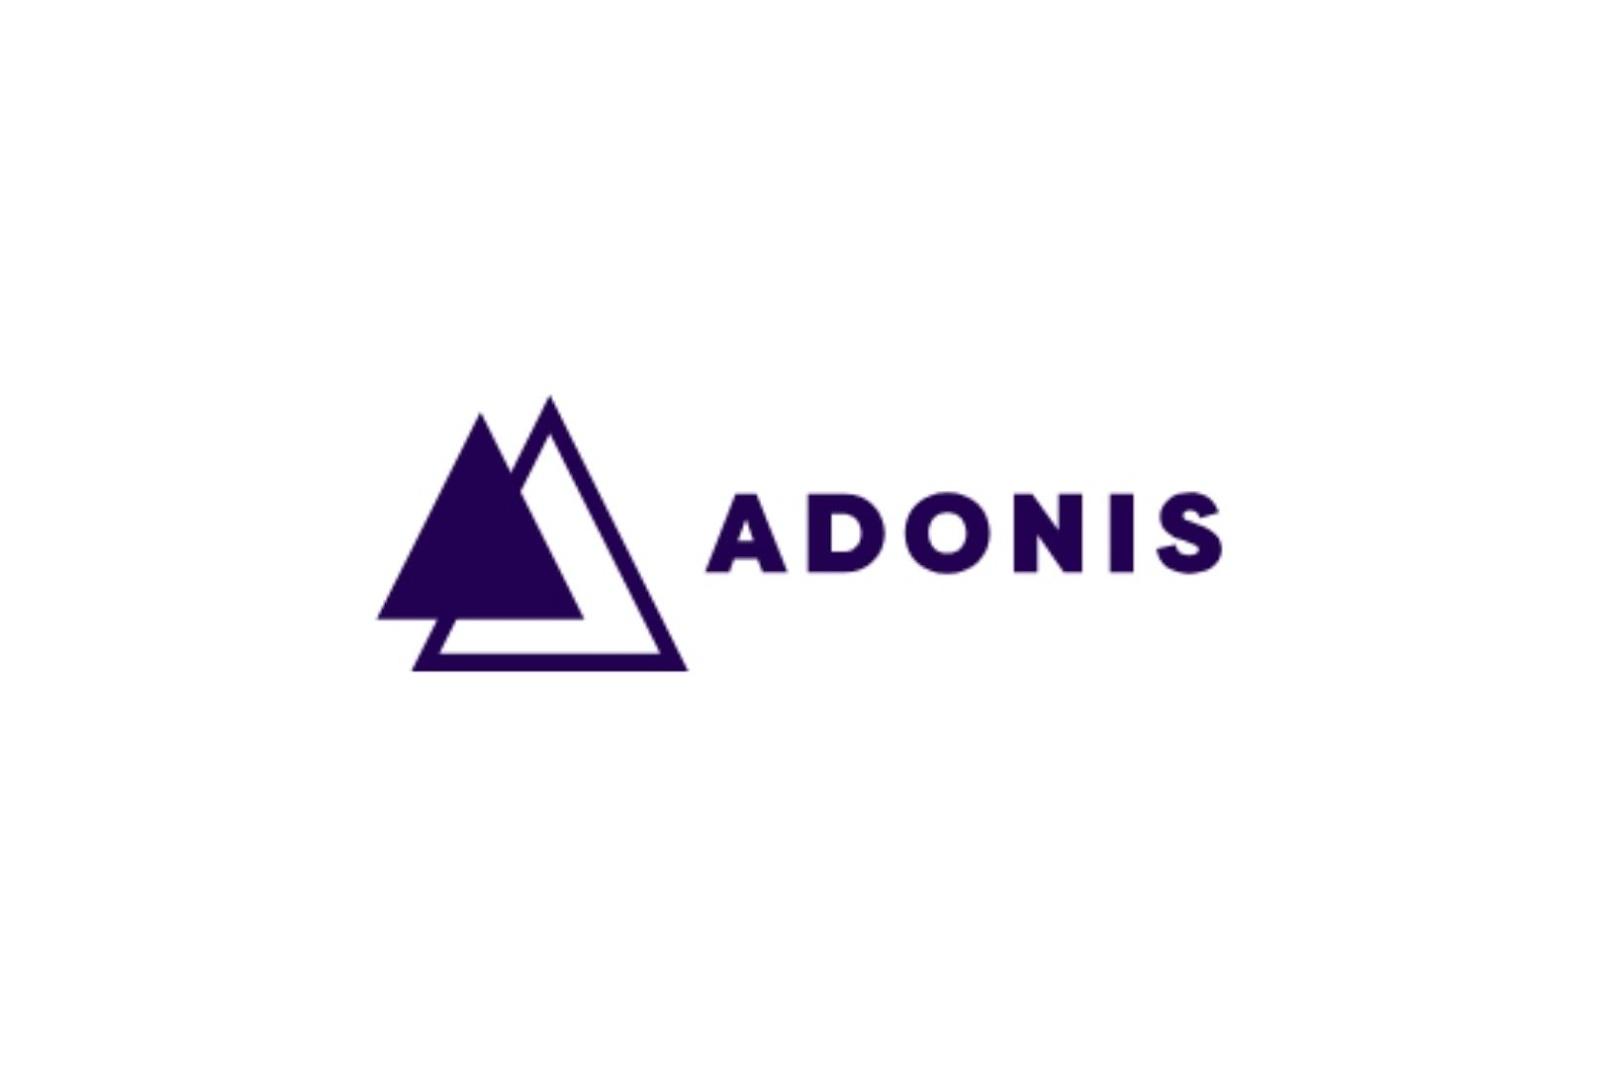 Adonis node js framework